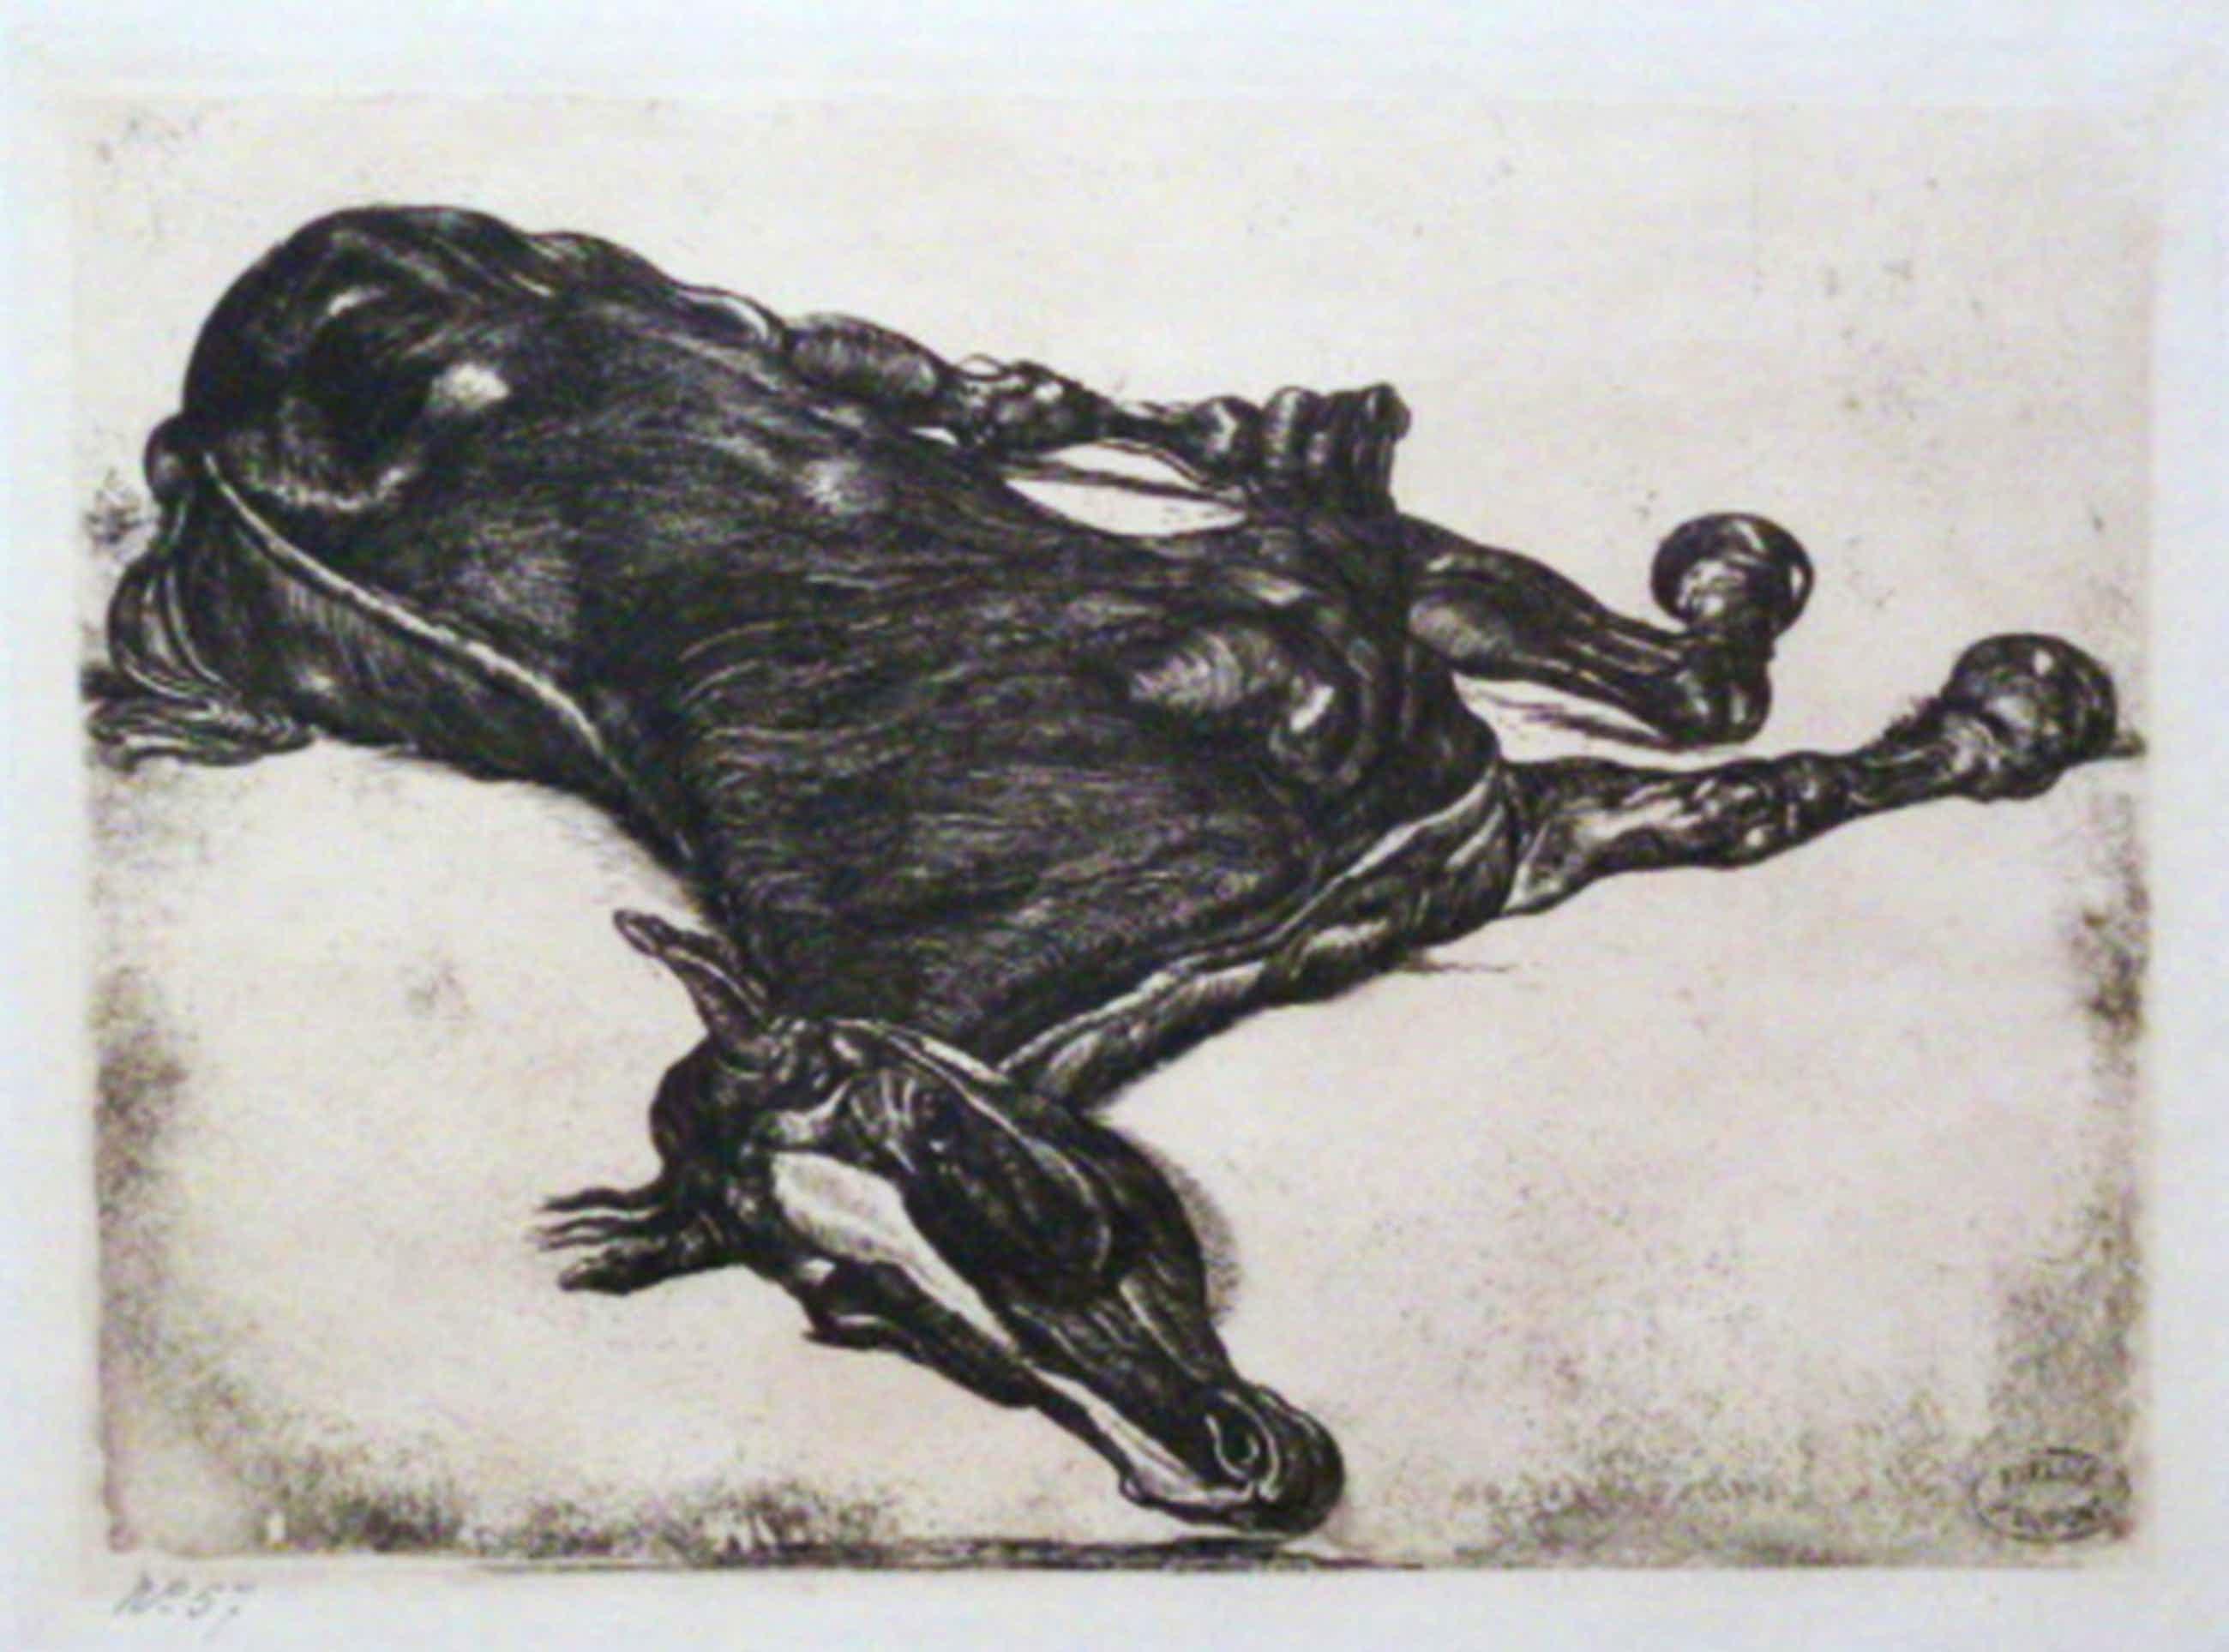 Laatste keer! Pieter Dupont: Liggend paard, ets, 1900  kopen? Bied vanaf 50!